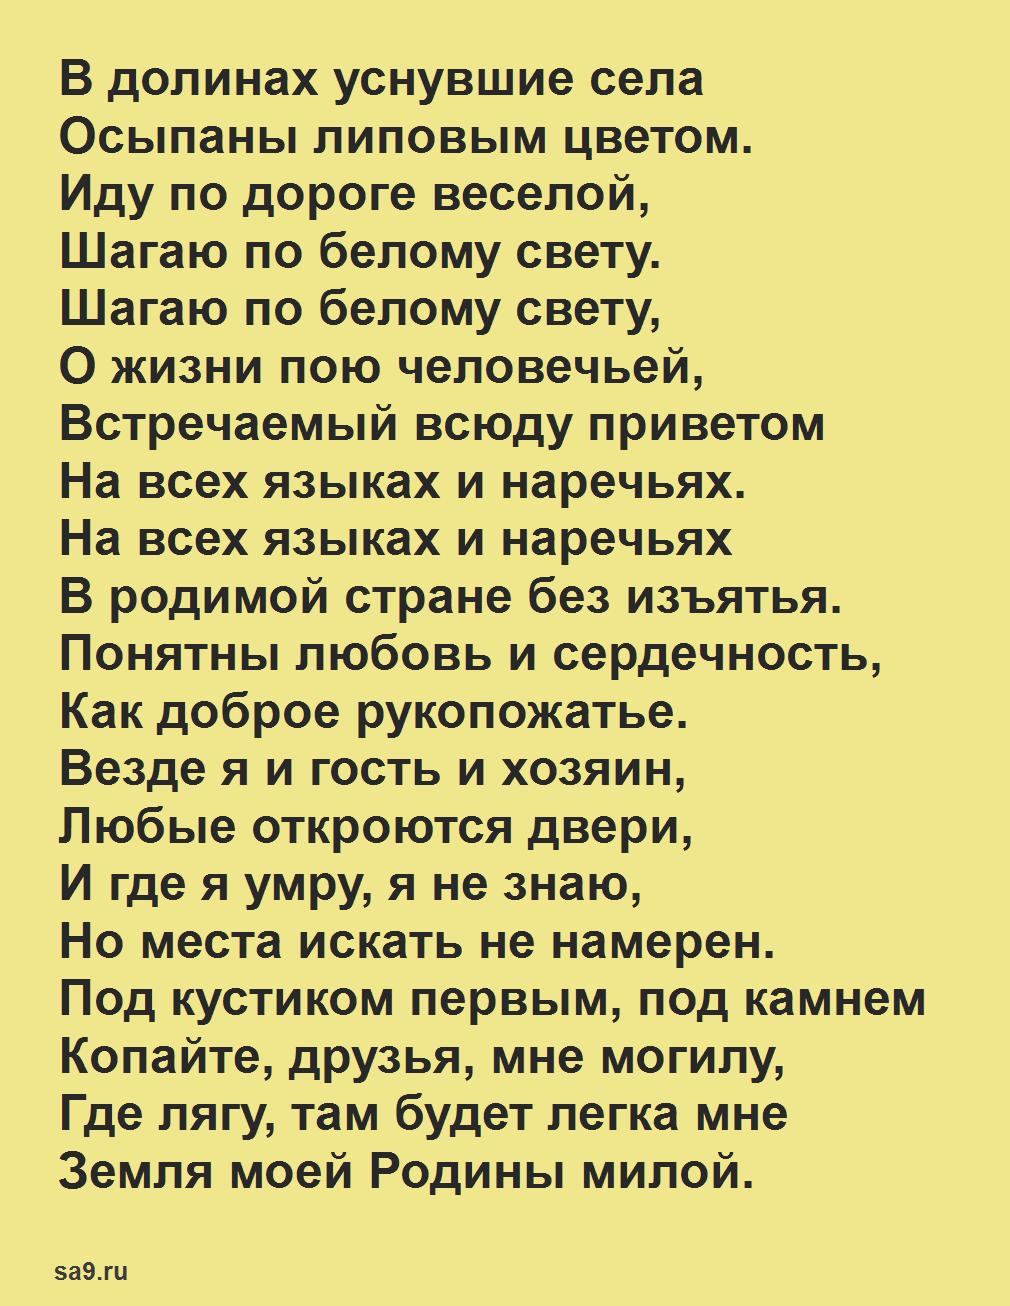 Легкие стихи Твардовского - Путник